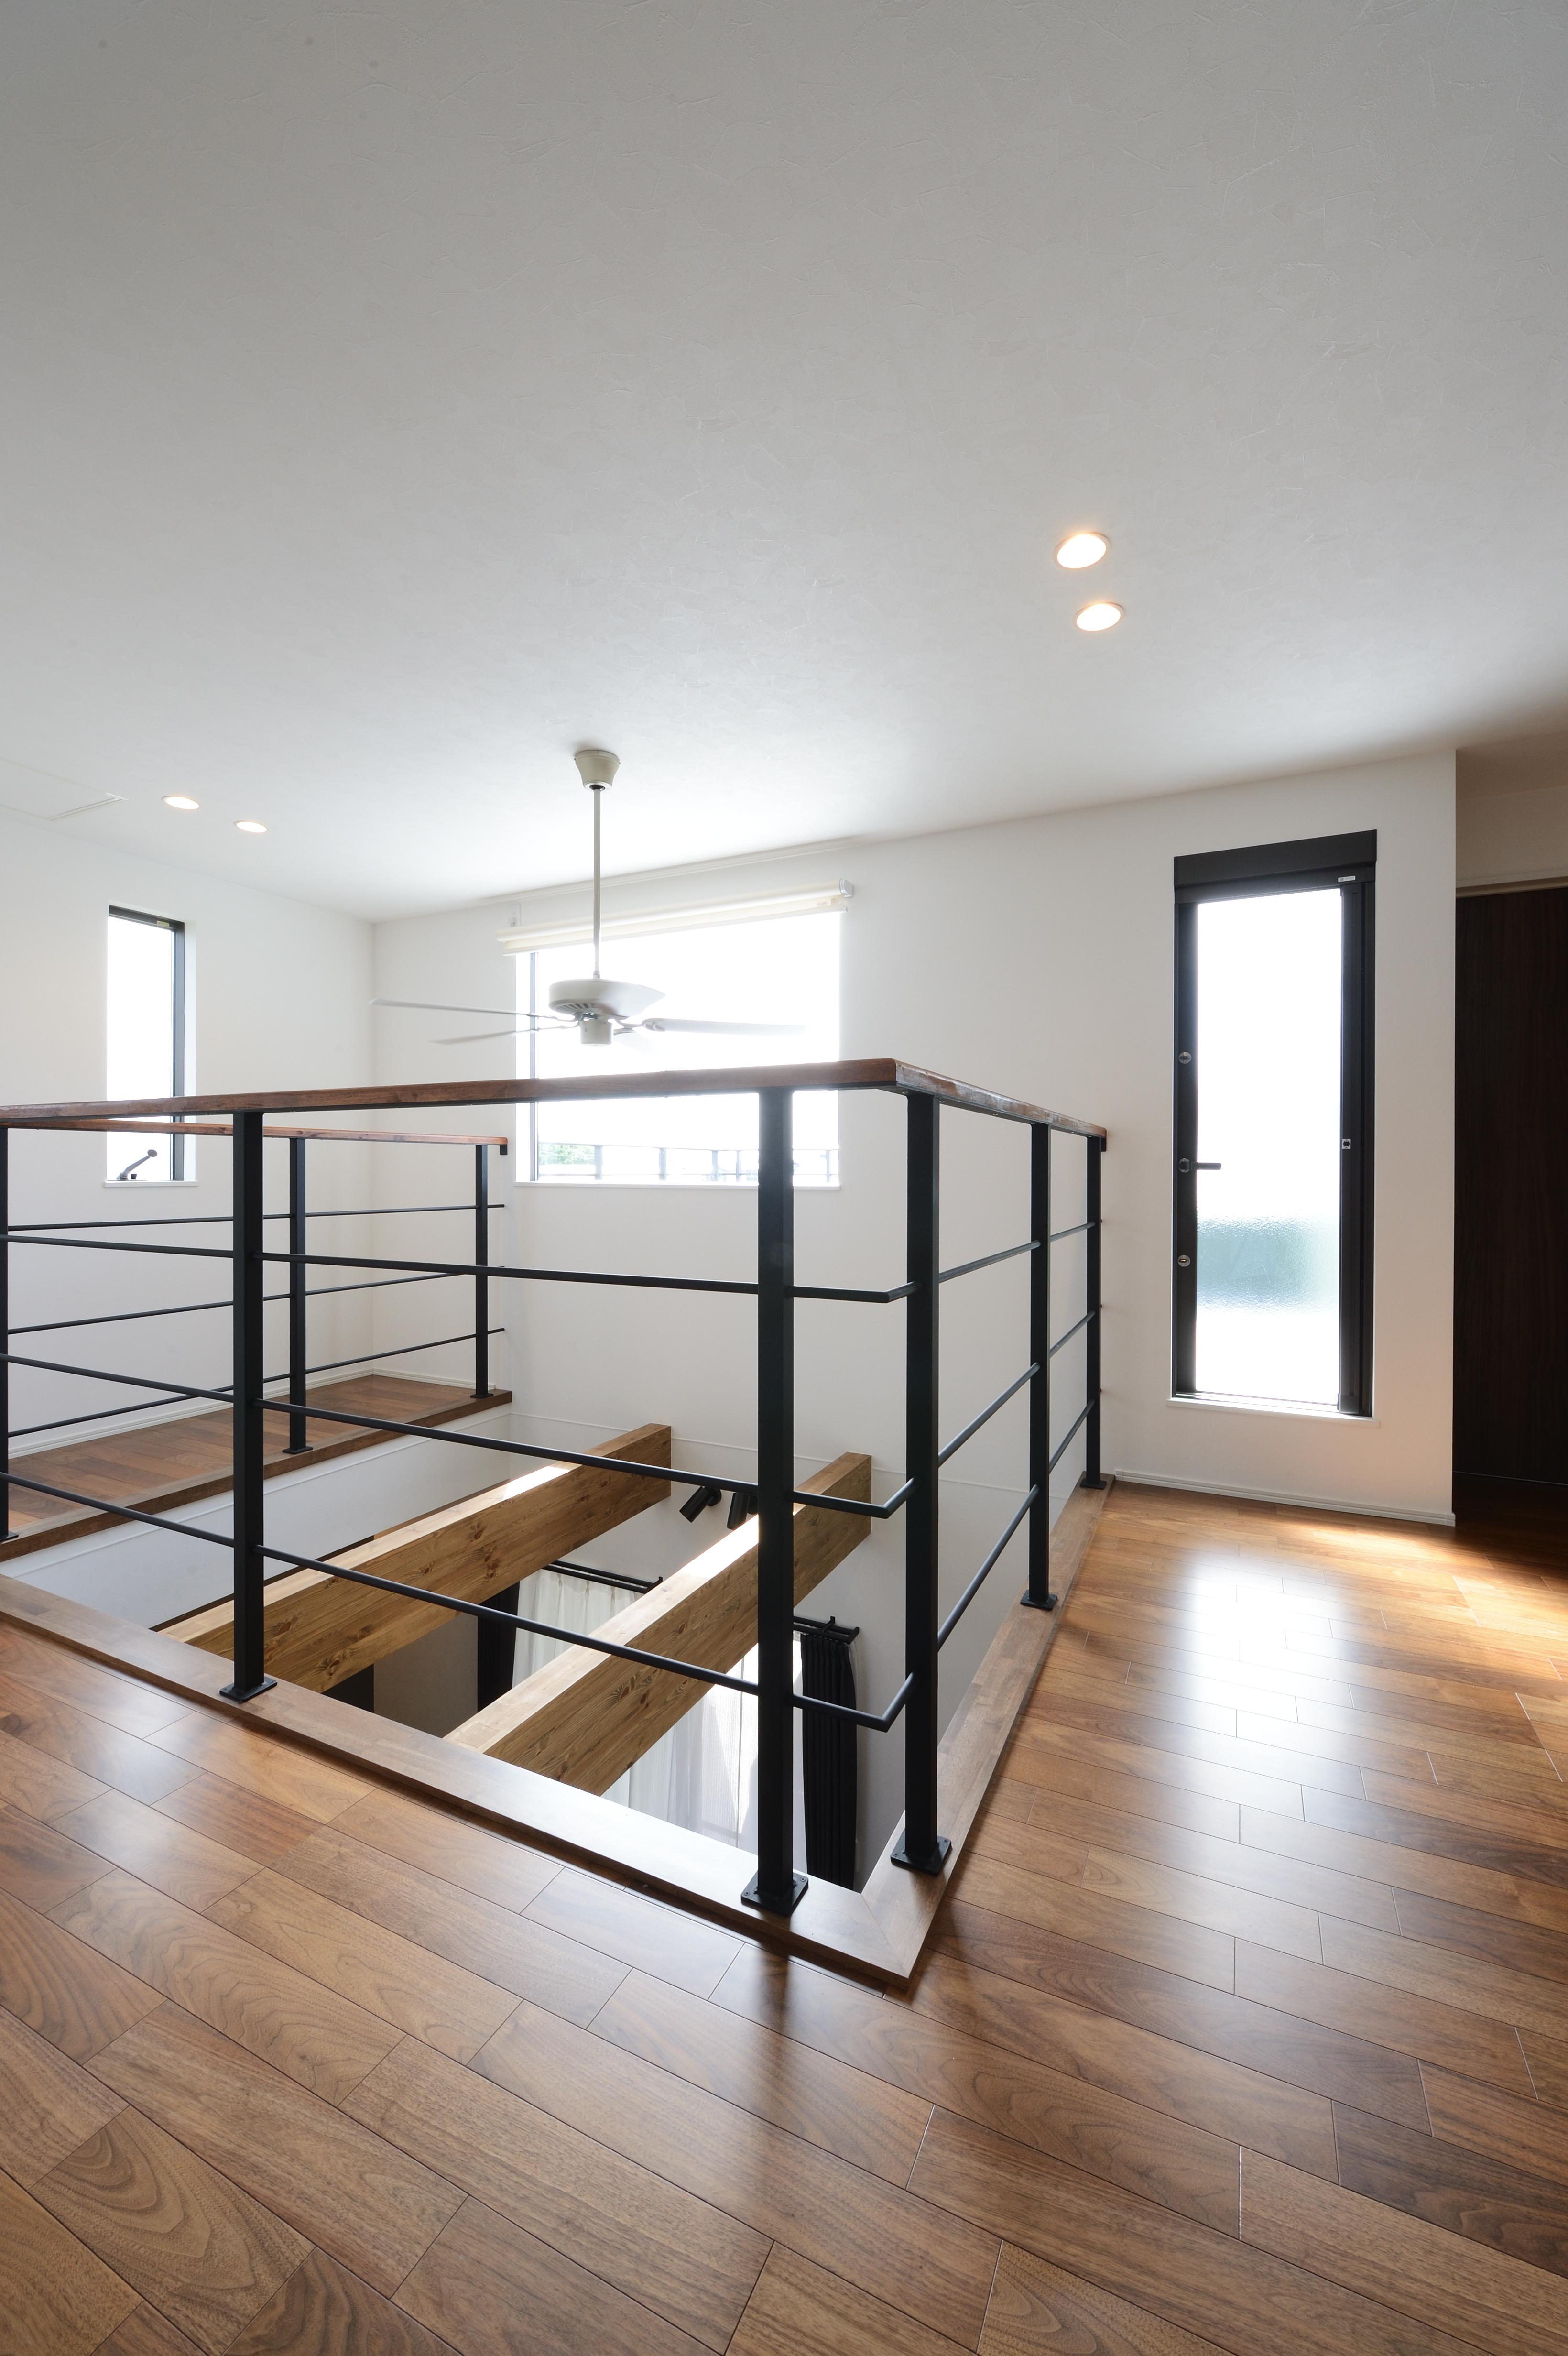 アルファホーム【デザイン住宅、子育て、インテリア】吹き抜け周りは壁をつくらずアイアン手すりで仕上げ、目線が通るよう設計。お部屋のアクセントはもちろん、目線が抜けるので開放的。吹抜けを囲んでいるアイアン手すりは上部だけ床色に合わせた木で仕上げた